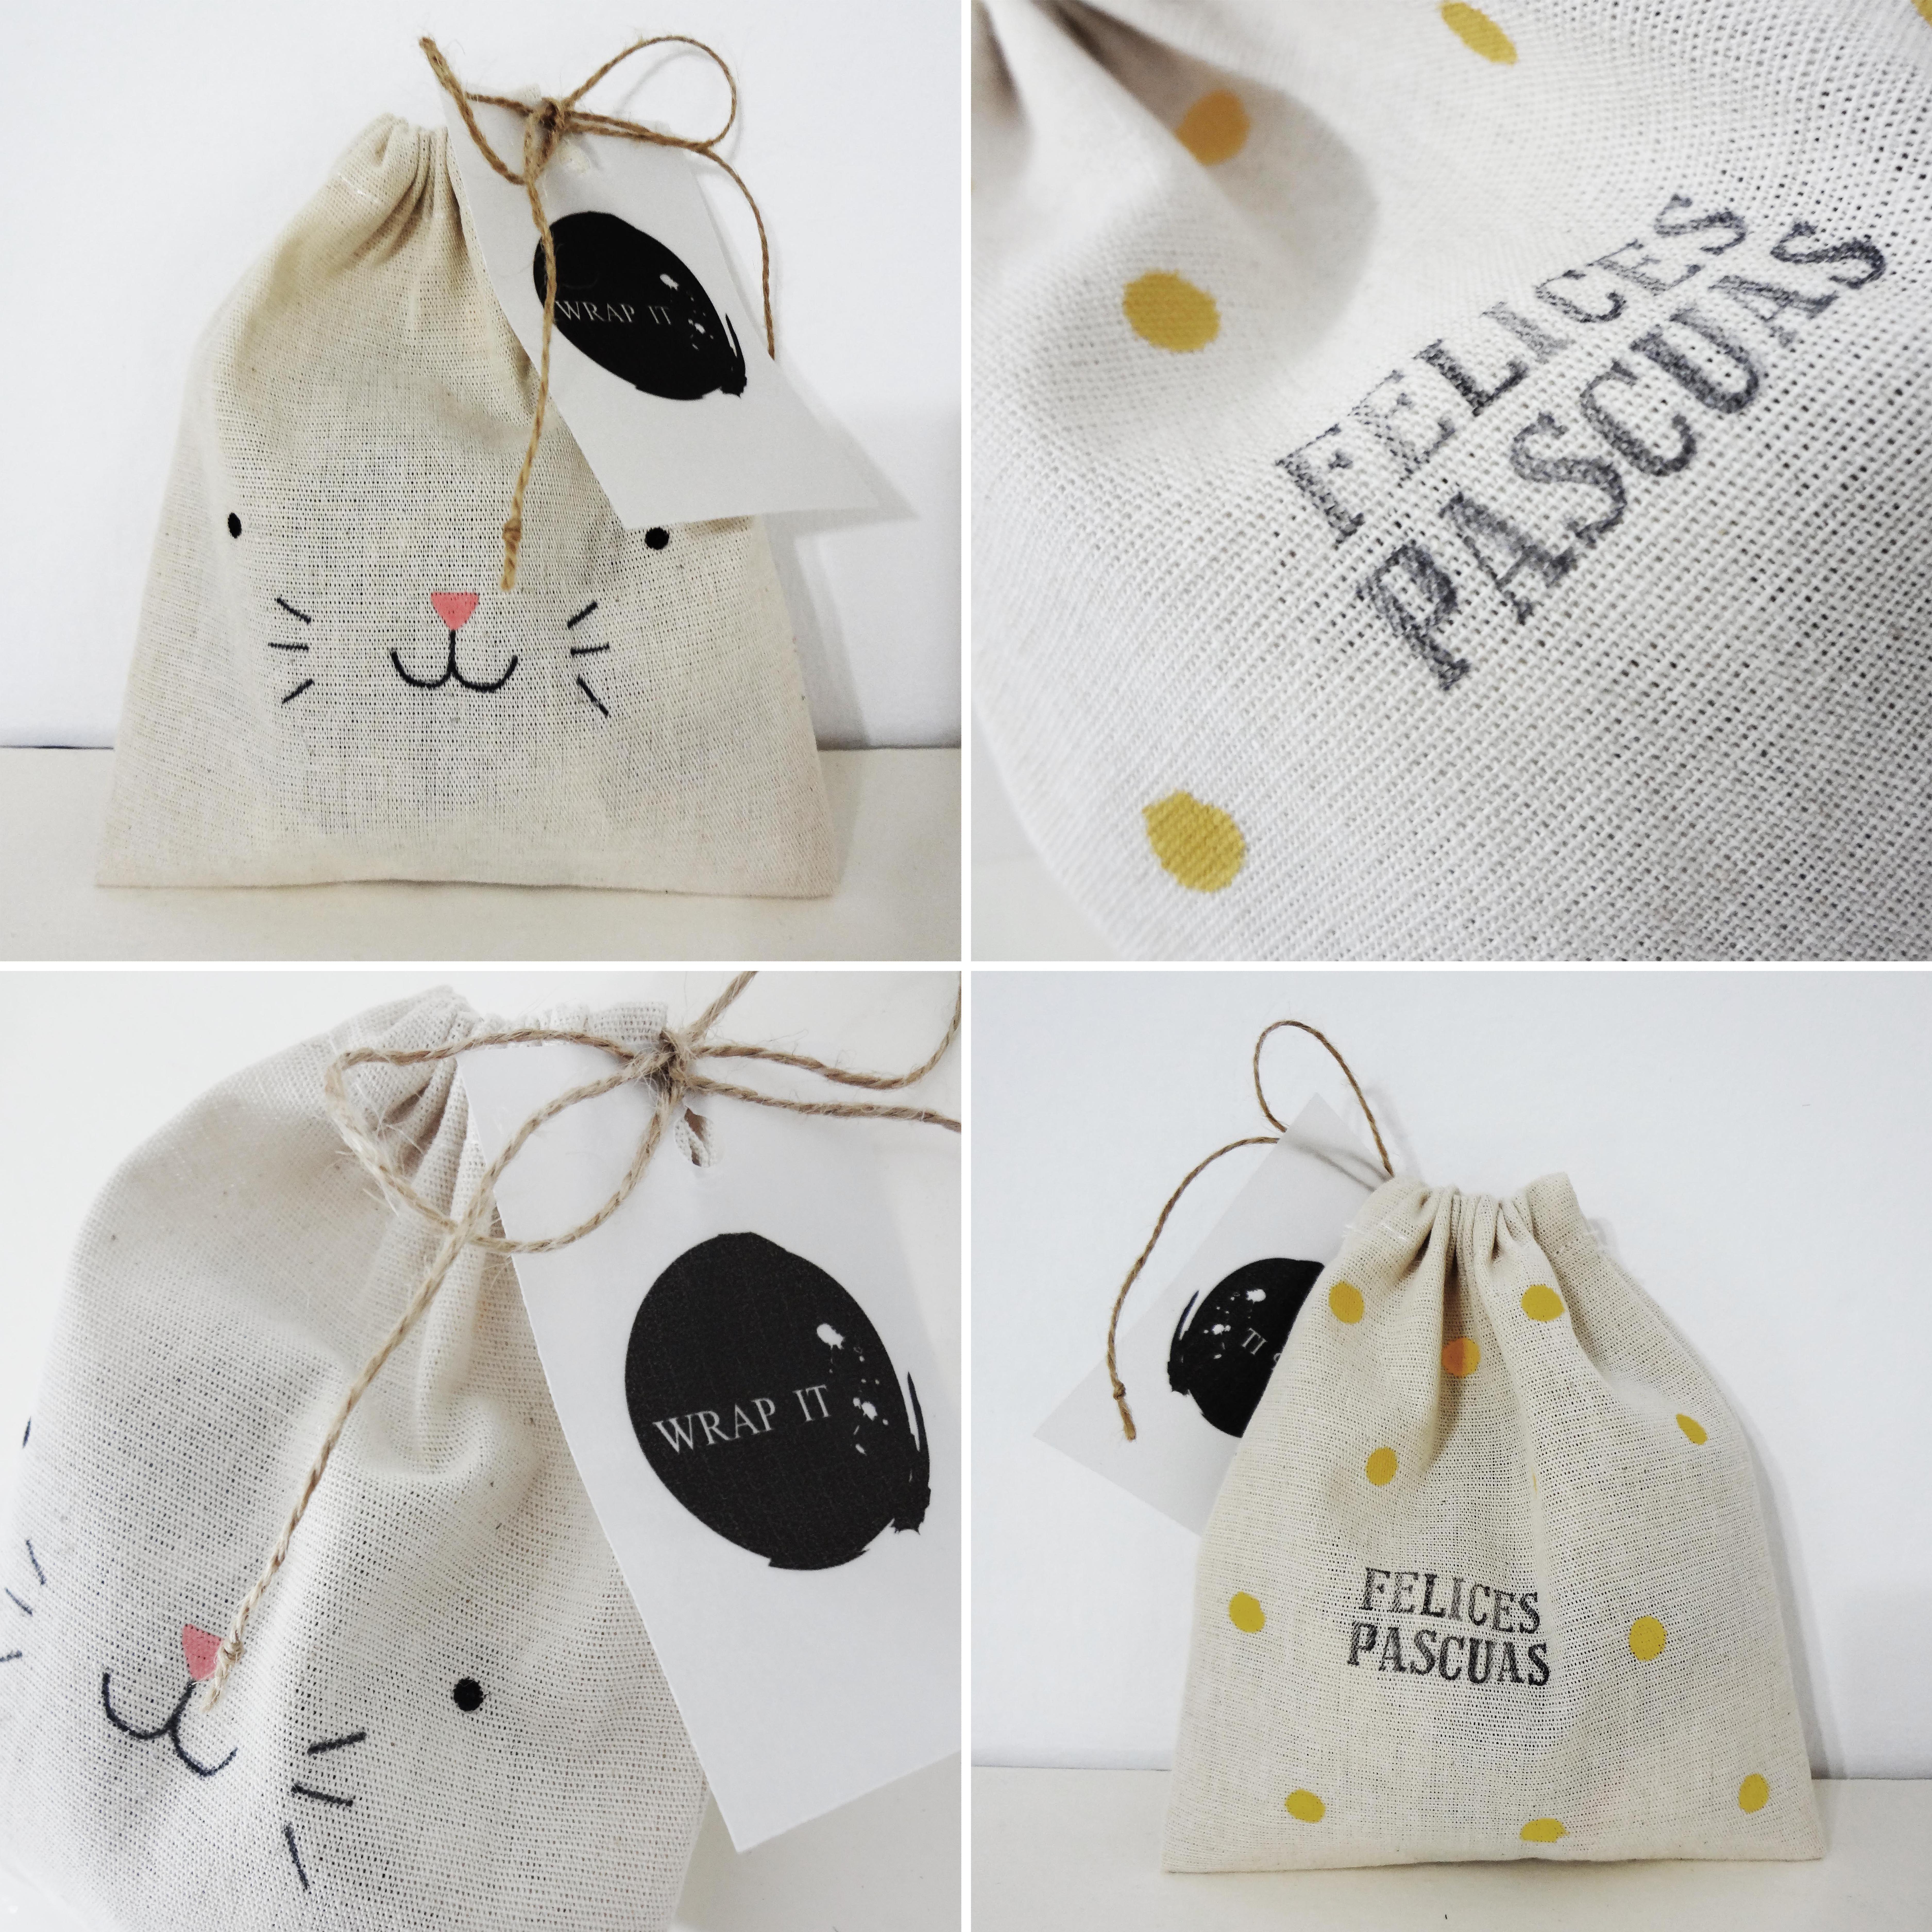 Wrap it envoltorios conejo pascuas bolsas de tela - Bolsas de tela manualidades ...